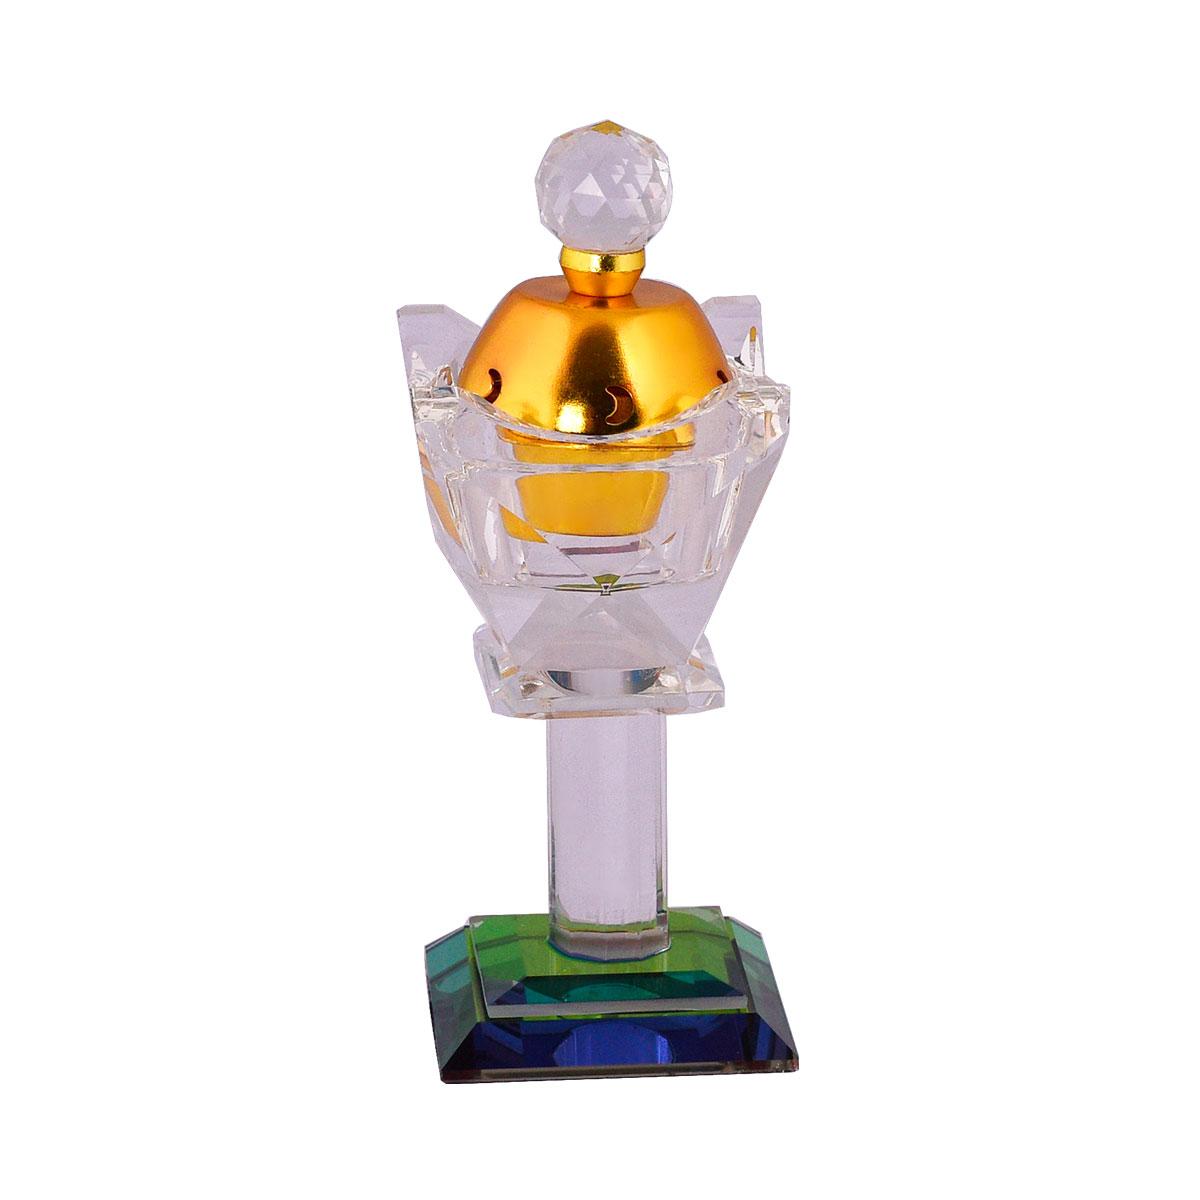 مبخرة كريستال يدوية بغطاء ذهبي وقاعدة ملونة رقم 18507